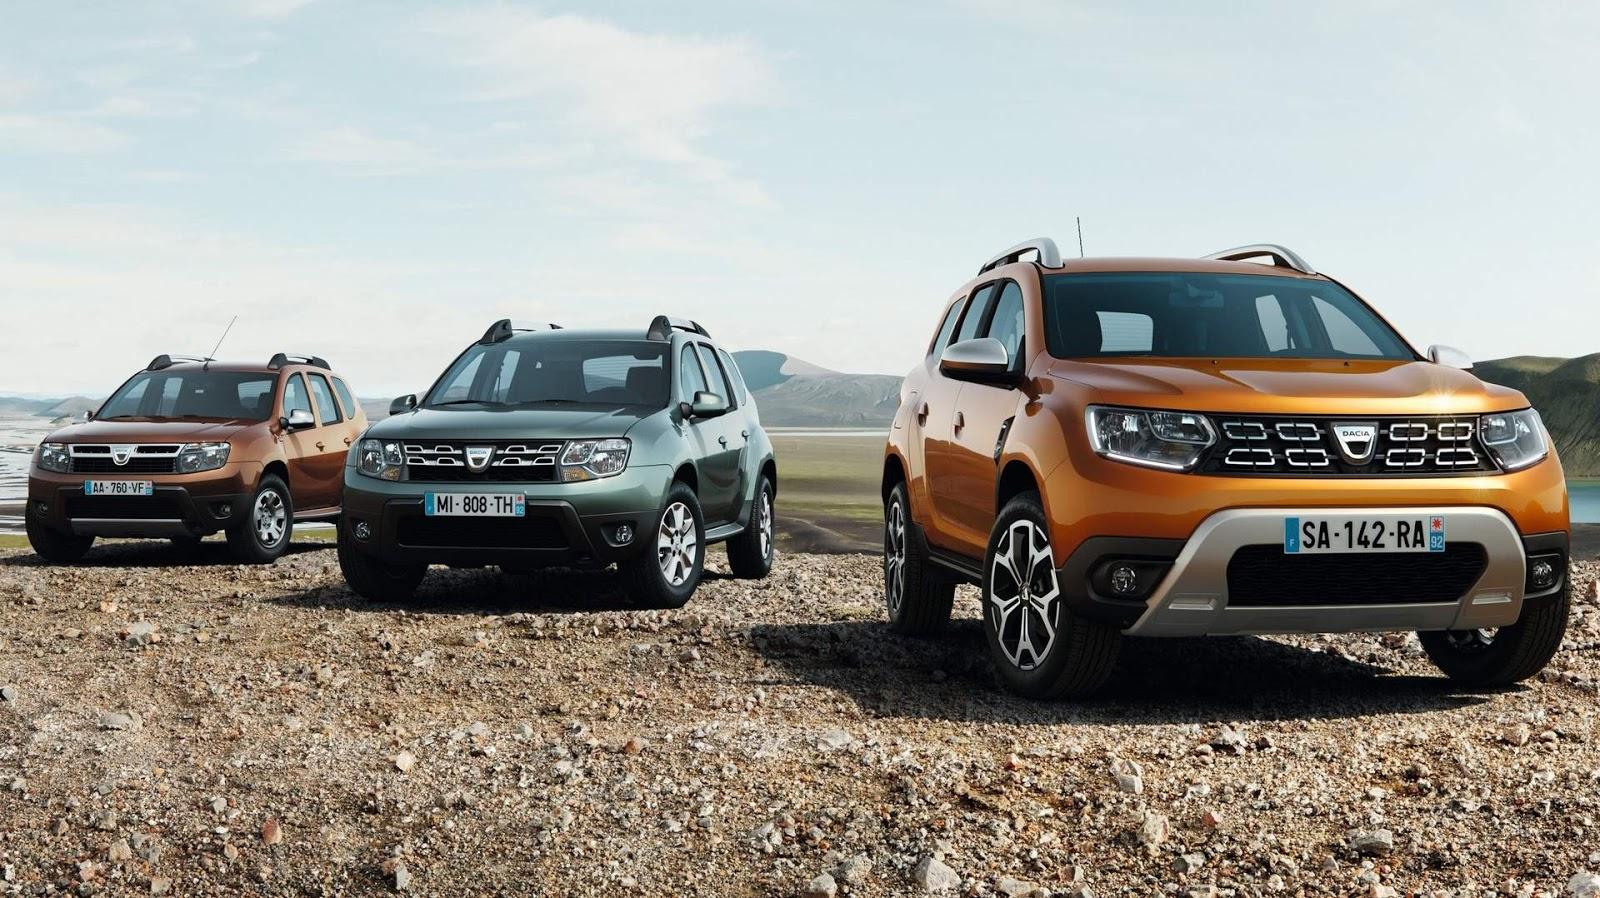 Novo Renault Duster 2019 Imagens Externas Oficiais Vídeo